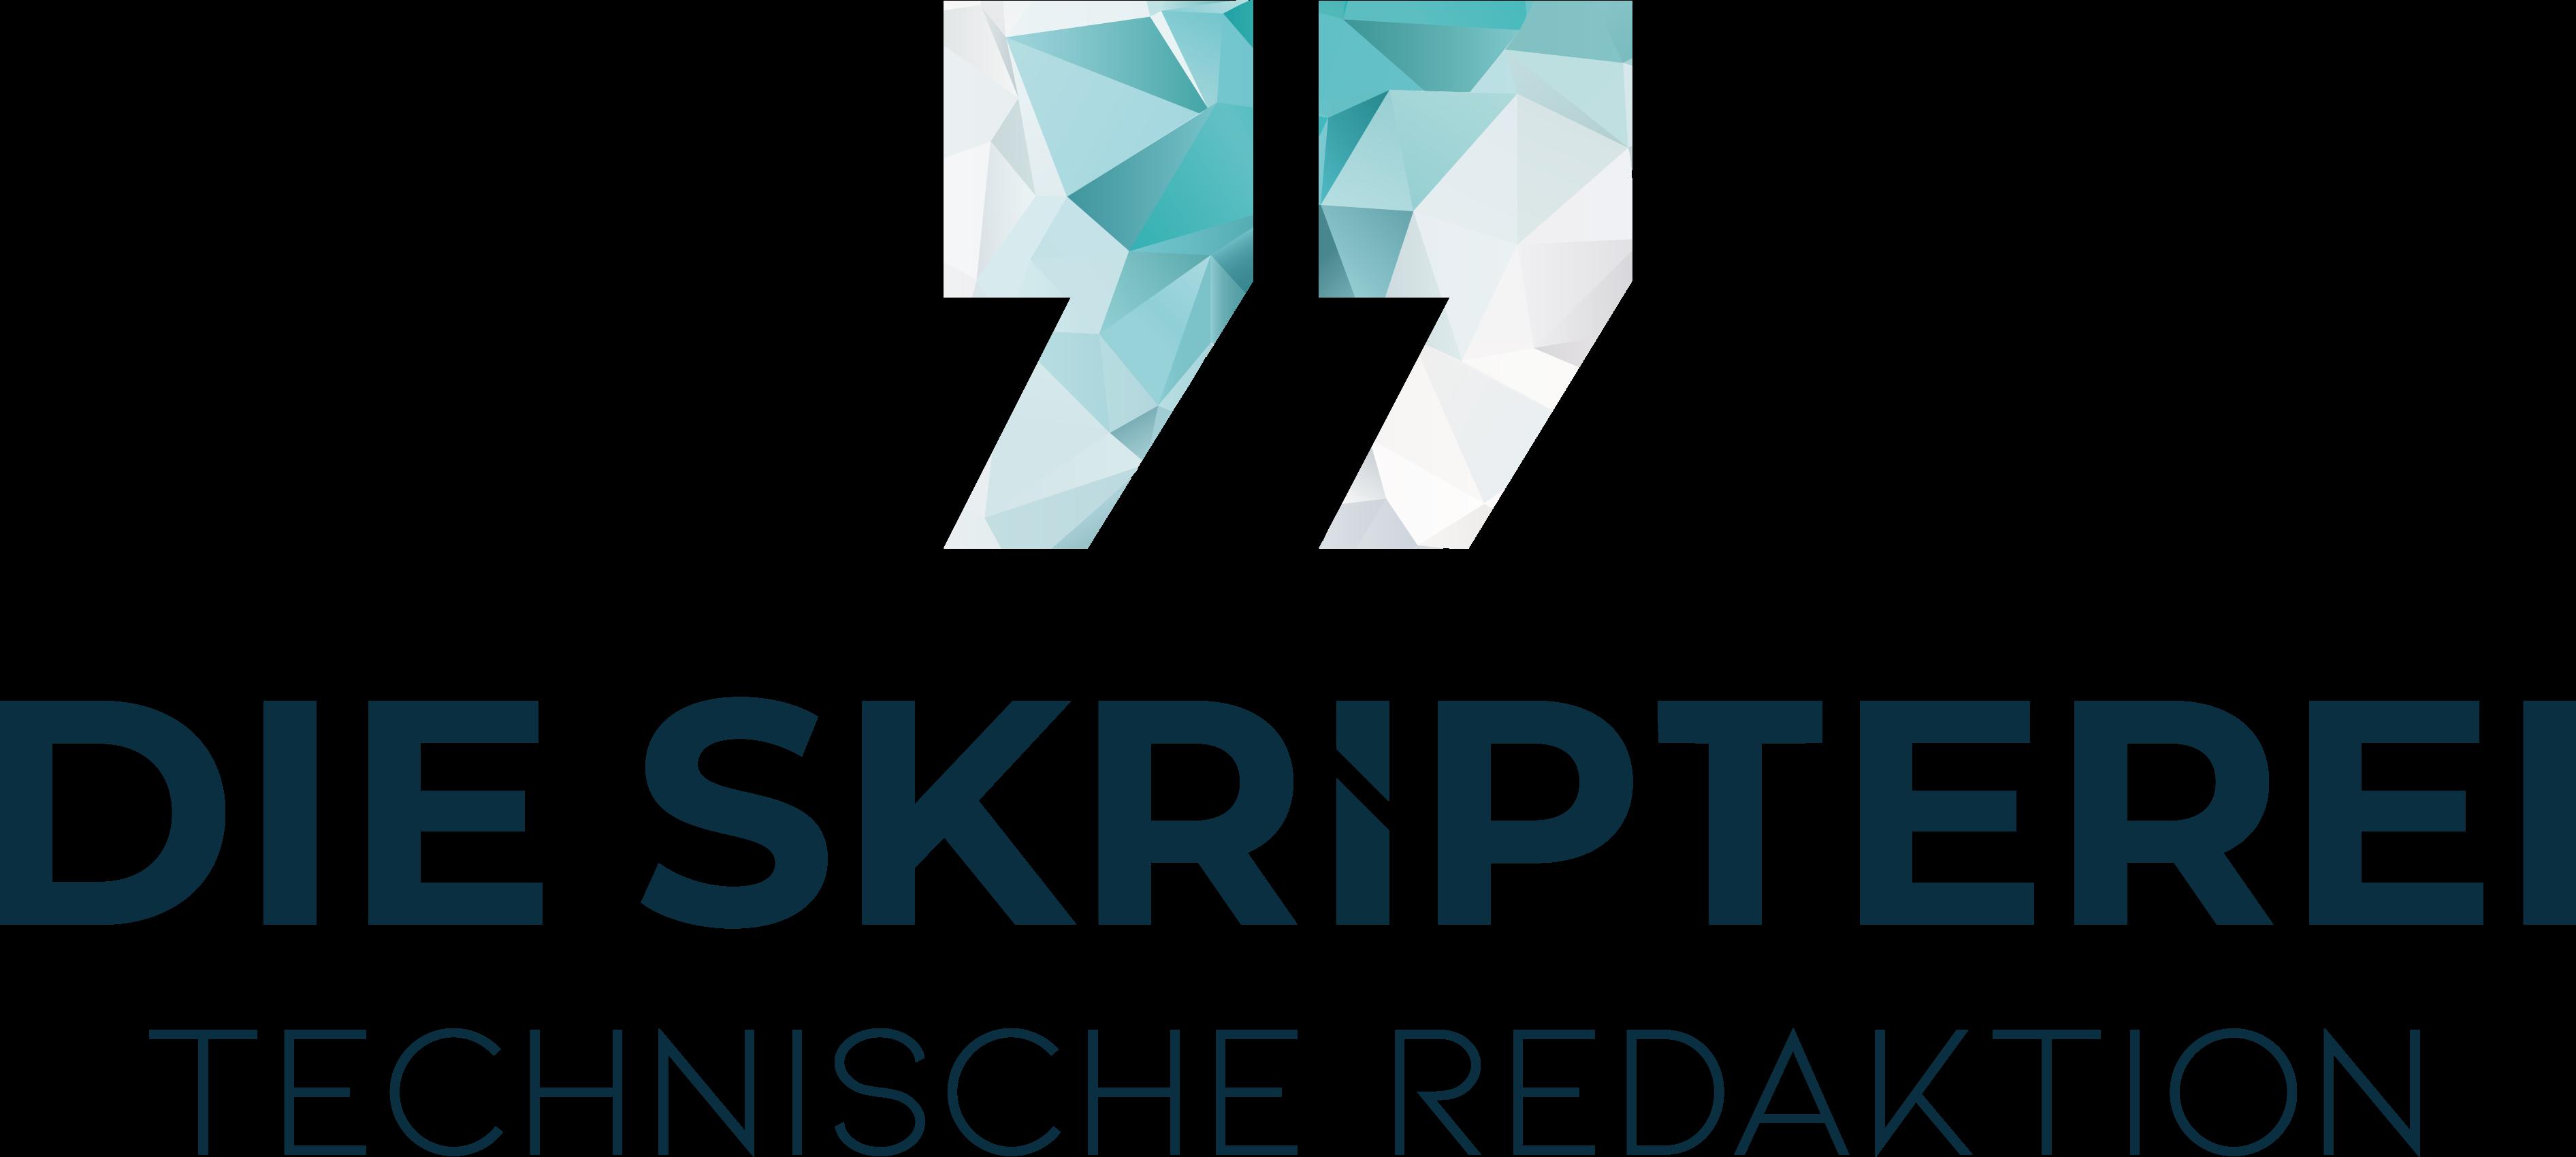 Das Logo Die Skripterei Technische Redaktion